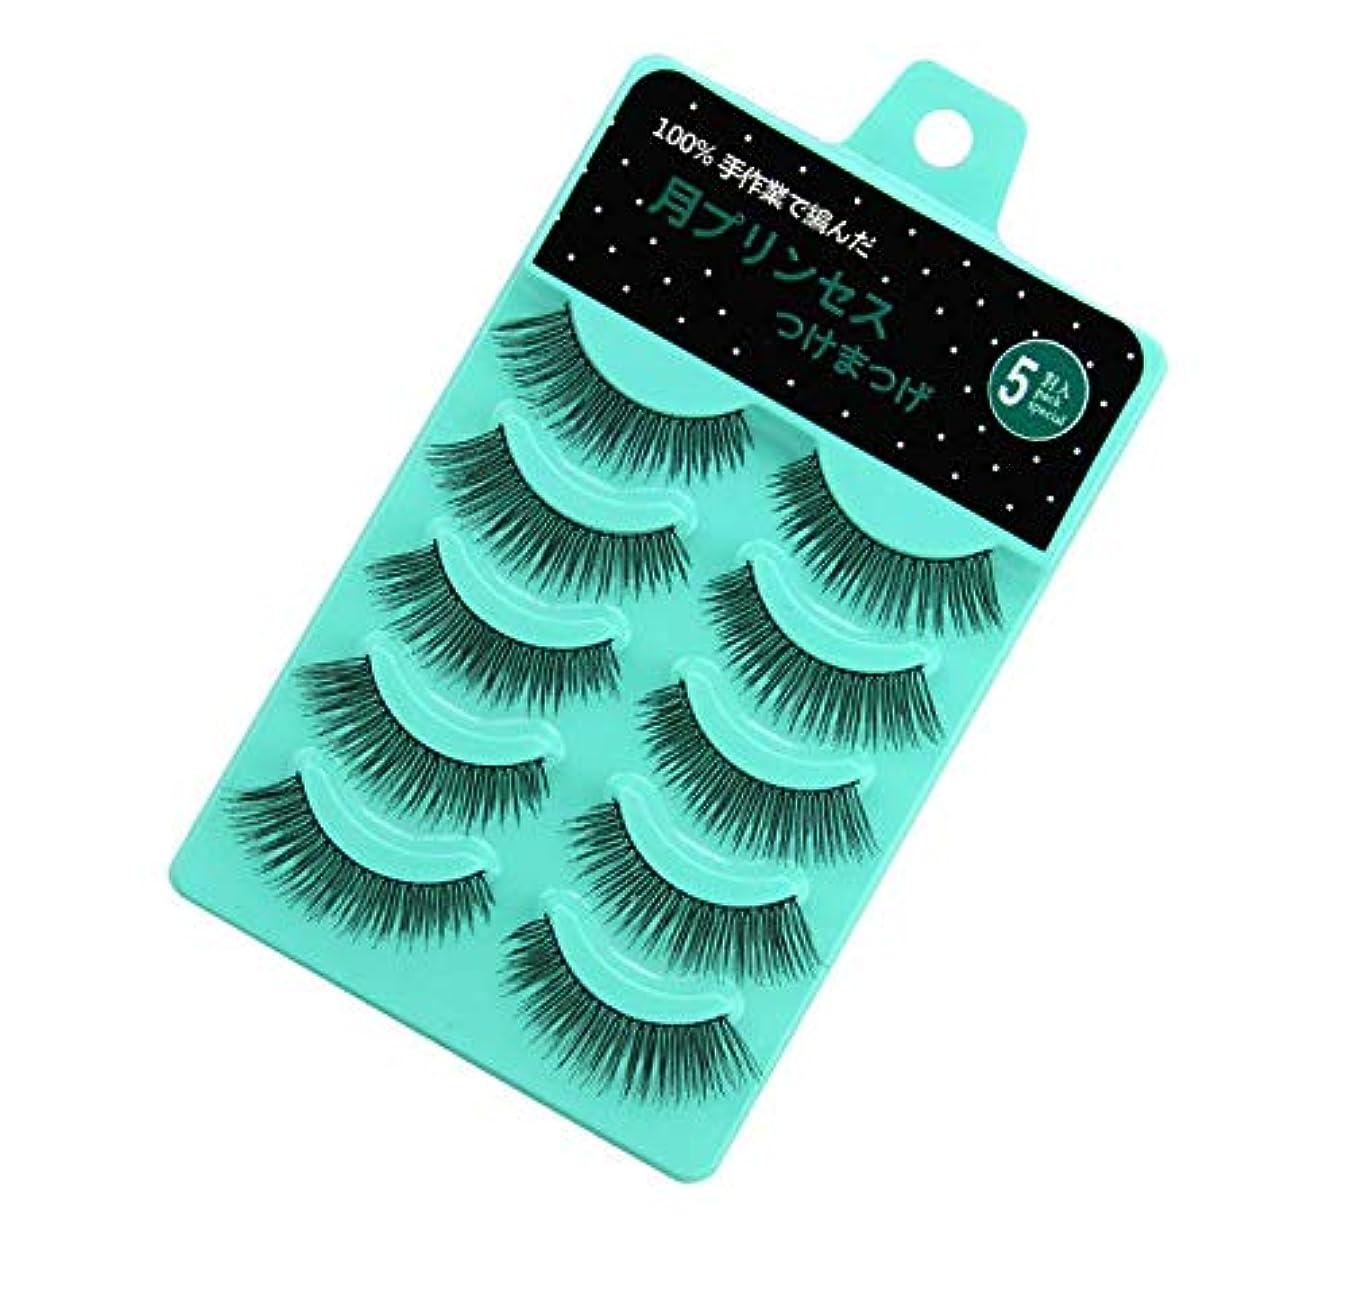 不屈持っている軽減HNYYZL つけまつげ ミンクつけまつ毛 10ペア グラマラスボリュームアイラッシュ ふんわりロングまつ毛 極薄 濃密 超軽量 高級繊維